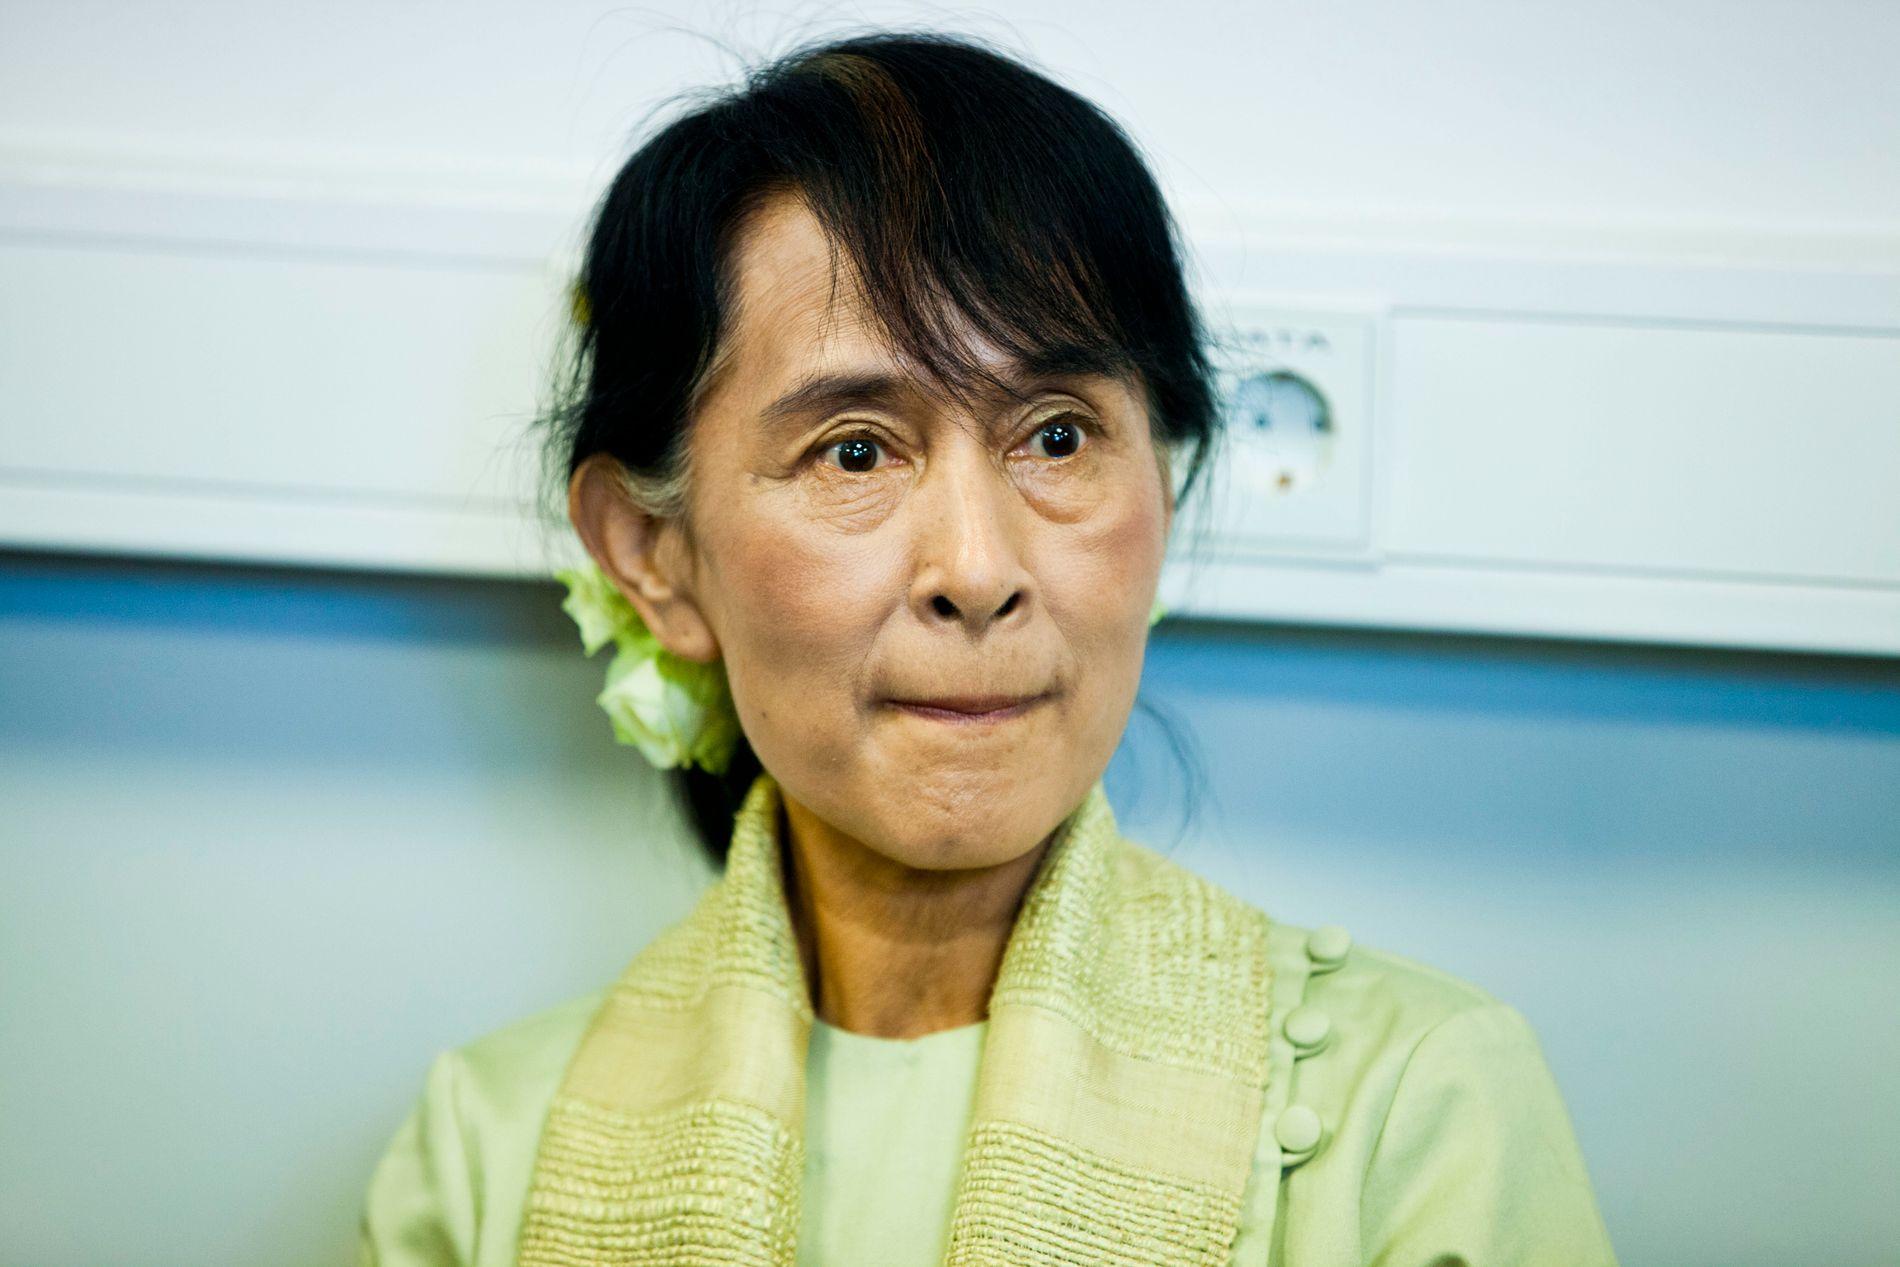 HARD KRITIKK: Myanmars de facto politiske leder, Aung San Suu Kyi, har kommet med få uttalelser i forbindelse med krisen i Rakhine-provinsen. Foto: SARA JOHANNESSEN